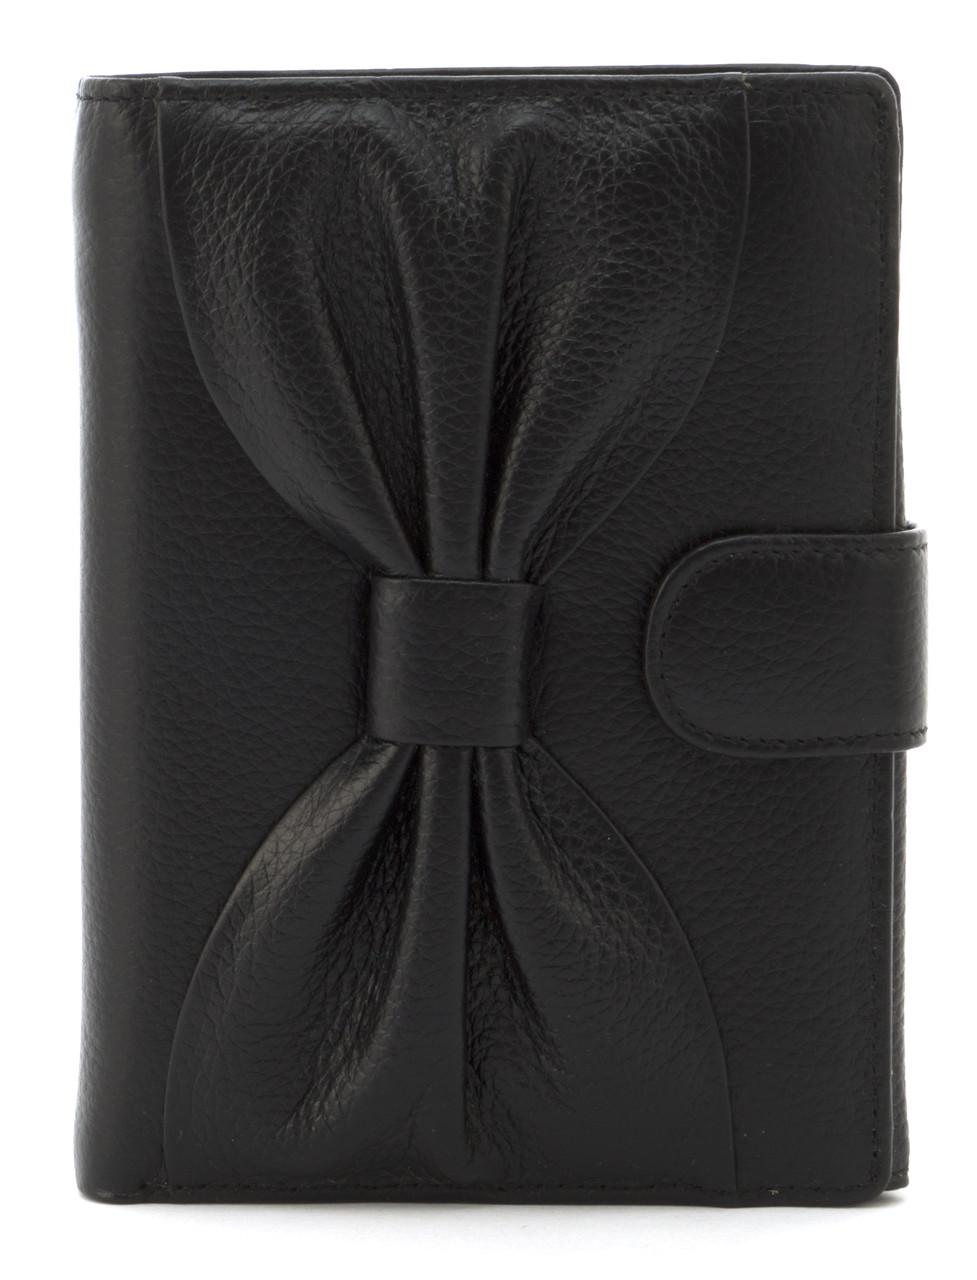 Невеликий жіночий гаманець гаманець з якісної натуральної шкіри SALFEITE art.12200 чорний